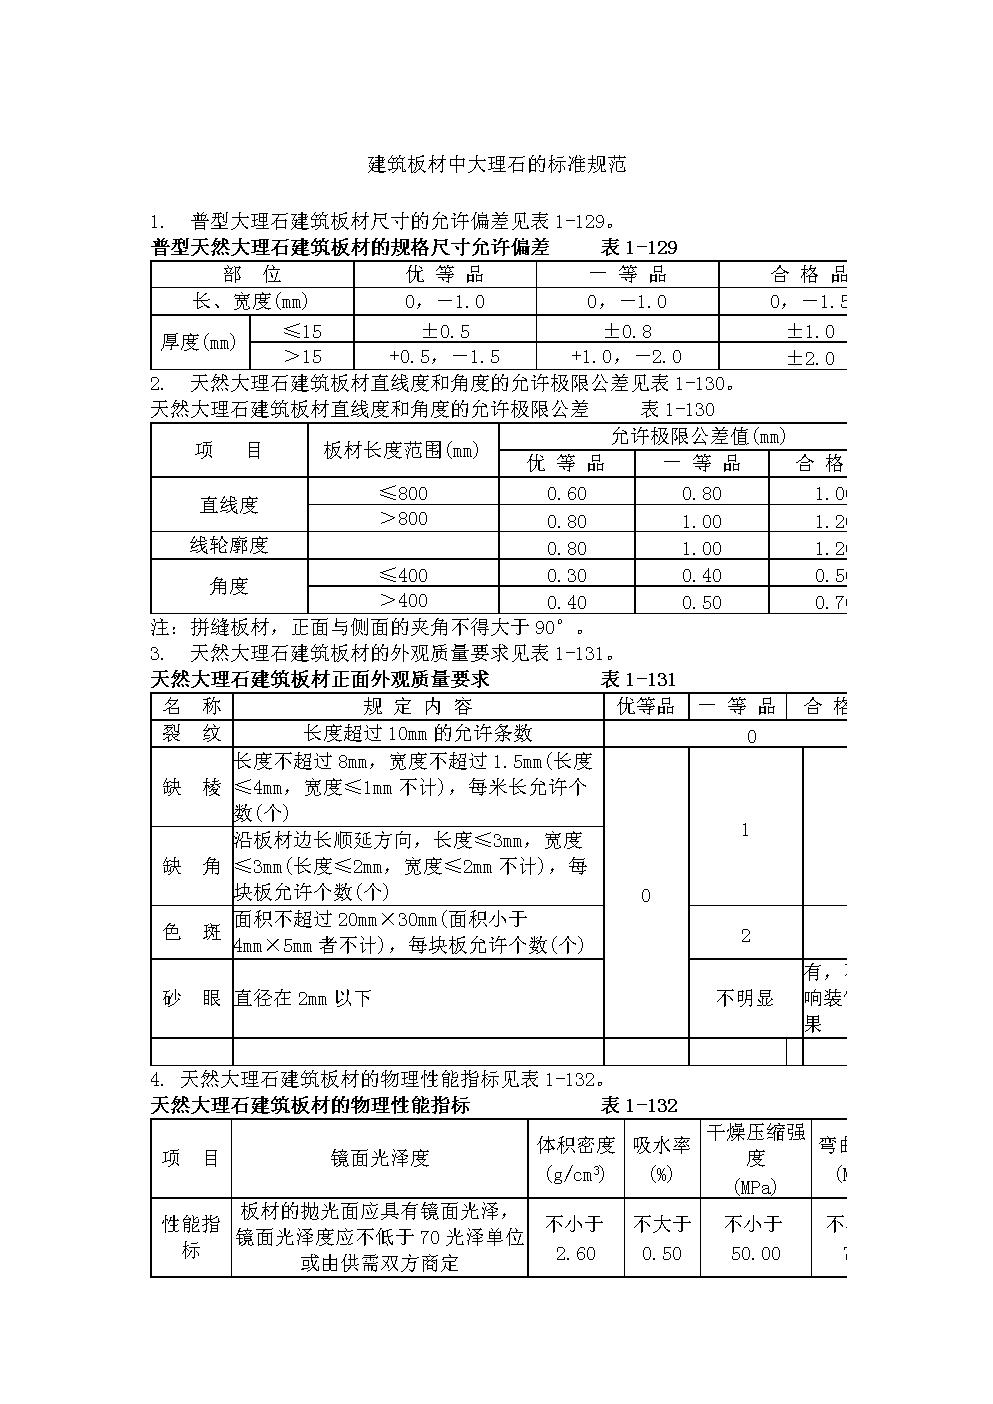 建筑板材中大理石的标准规范.doc